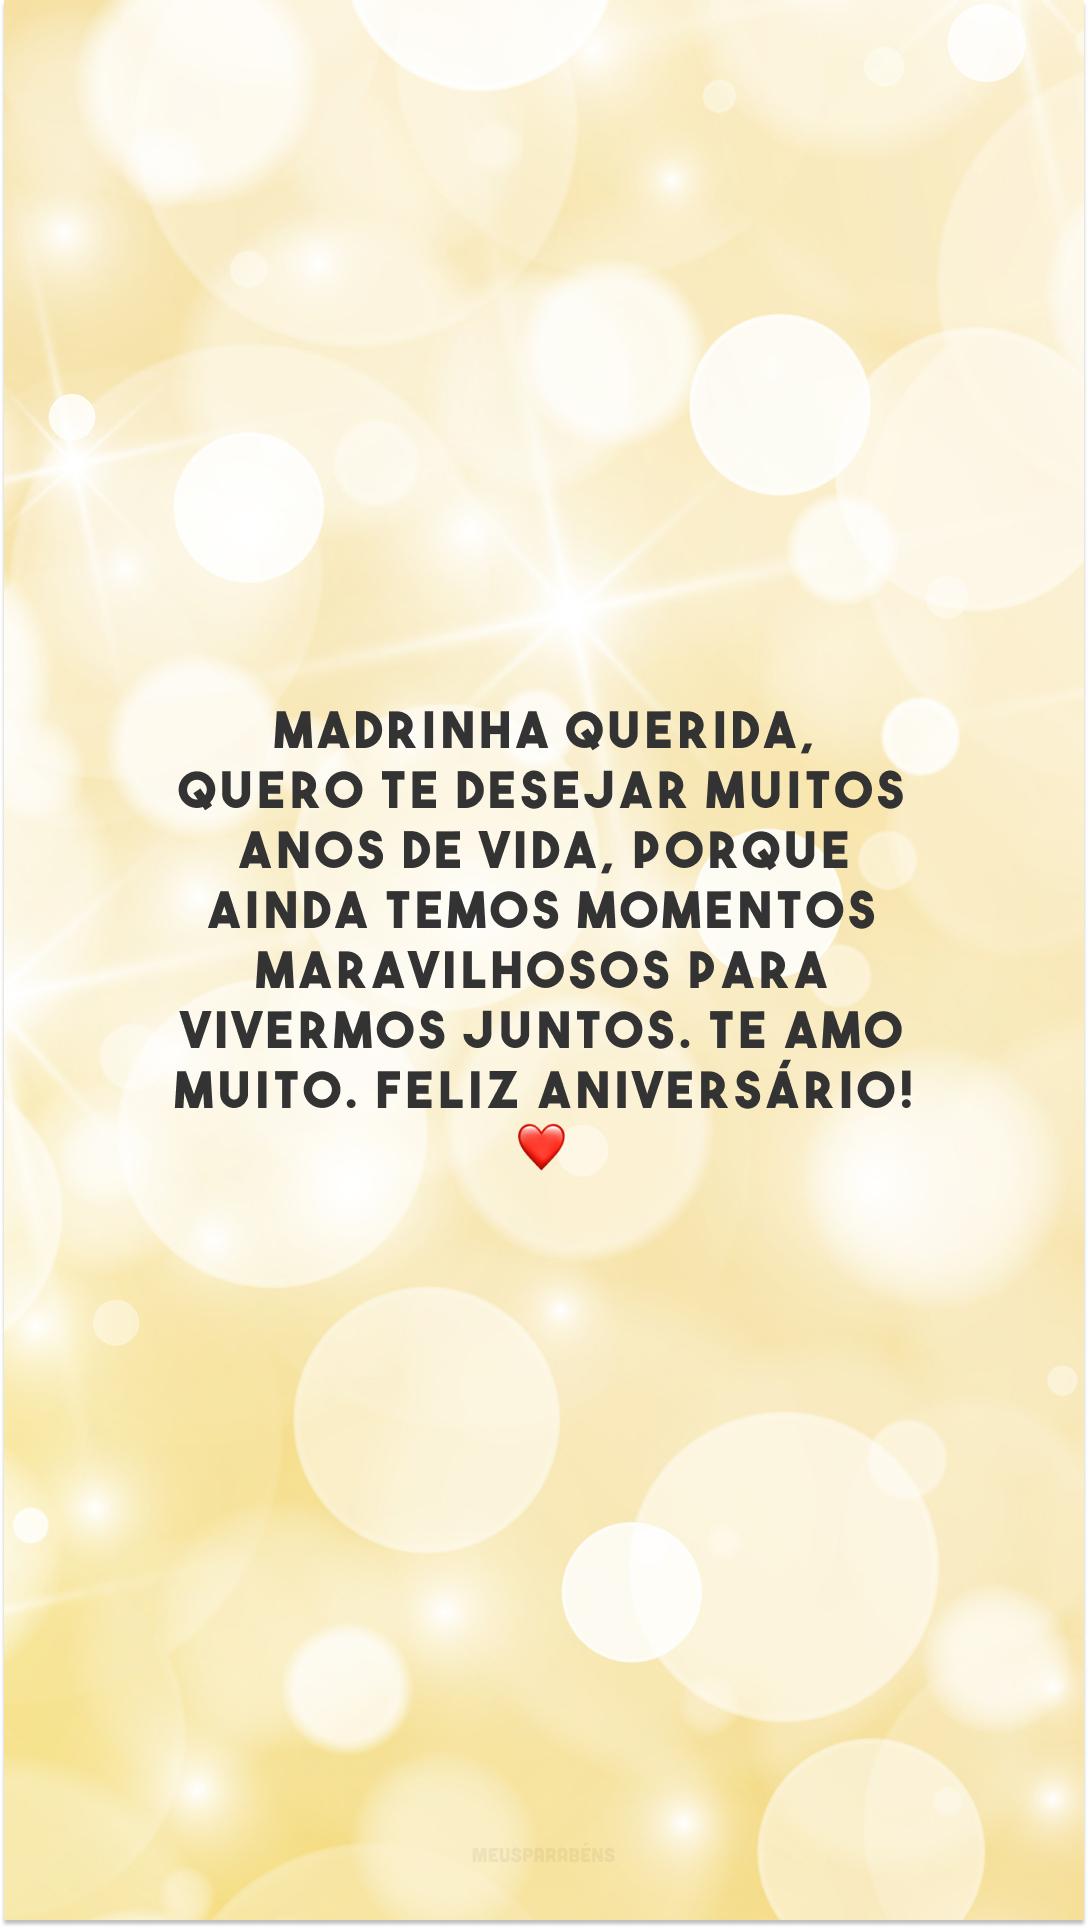 Madrinha querida, quero te desejar muitos anos de vida, porque ainda temos momentos maravilhosos para vivermos juntos. Te amo muito. Feliz aniversário! ❤️